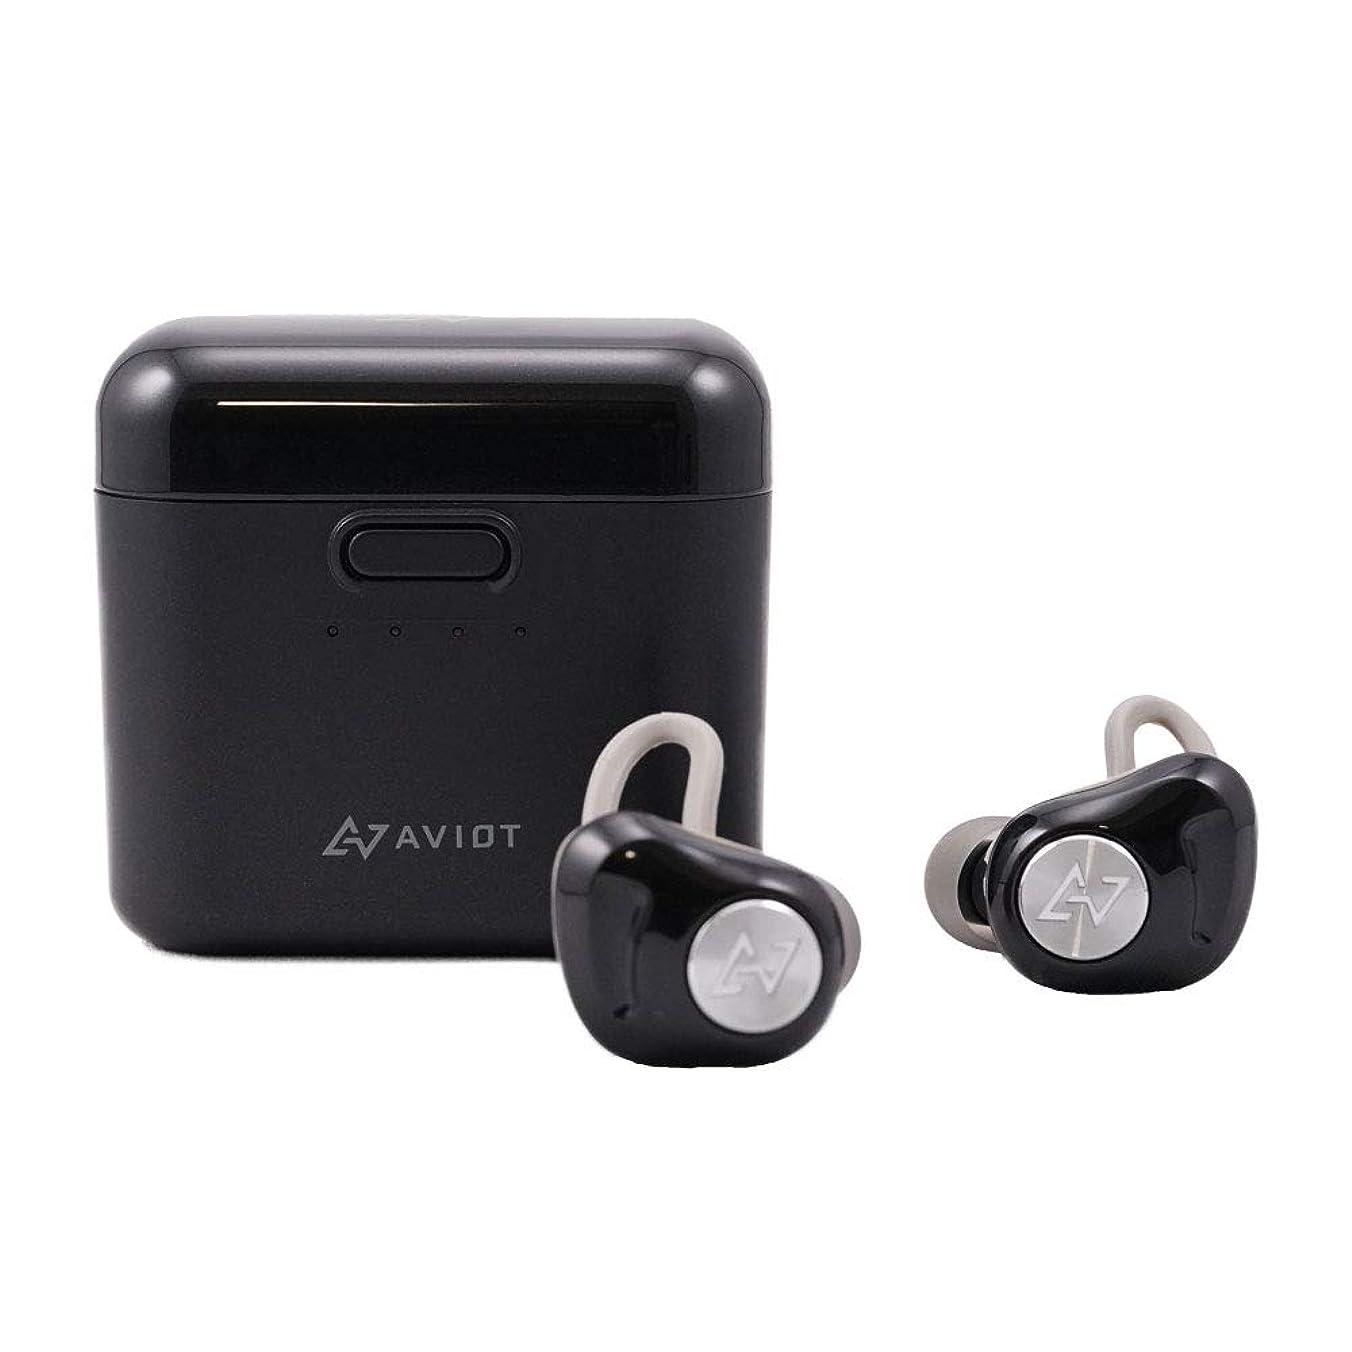 ダム式誕生日Creative Pebble ブラック USB電源採用アクティブ スピーカー 4.4W パワフル出力 45°上向きドライバー 重低音 パッシブ ドライバー SP-PBL-BK